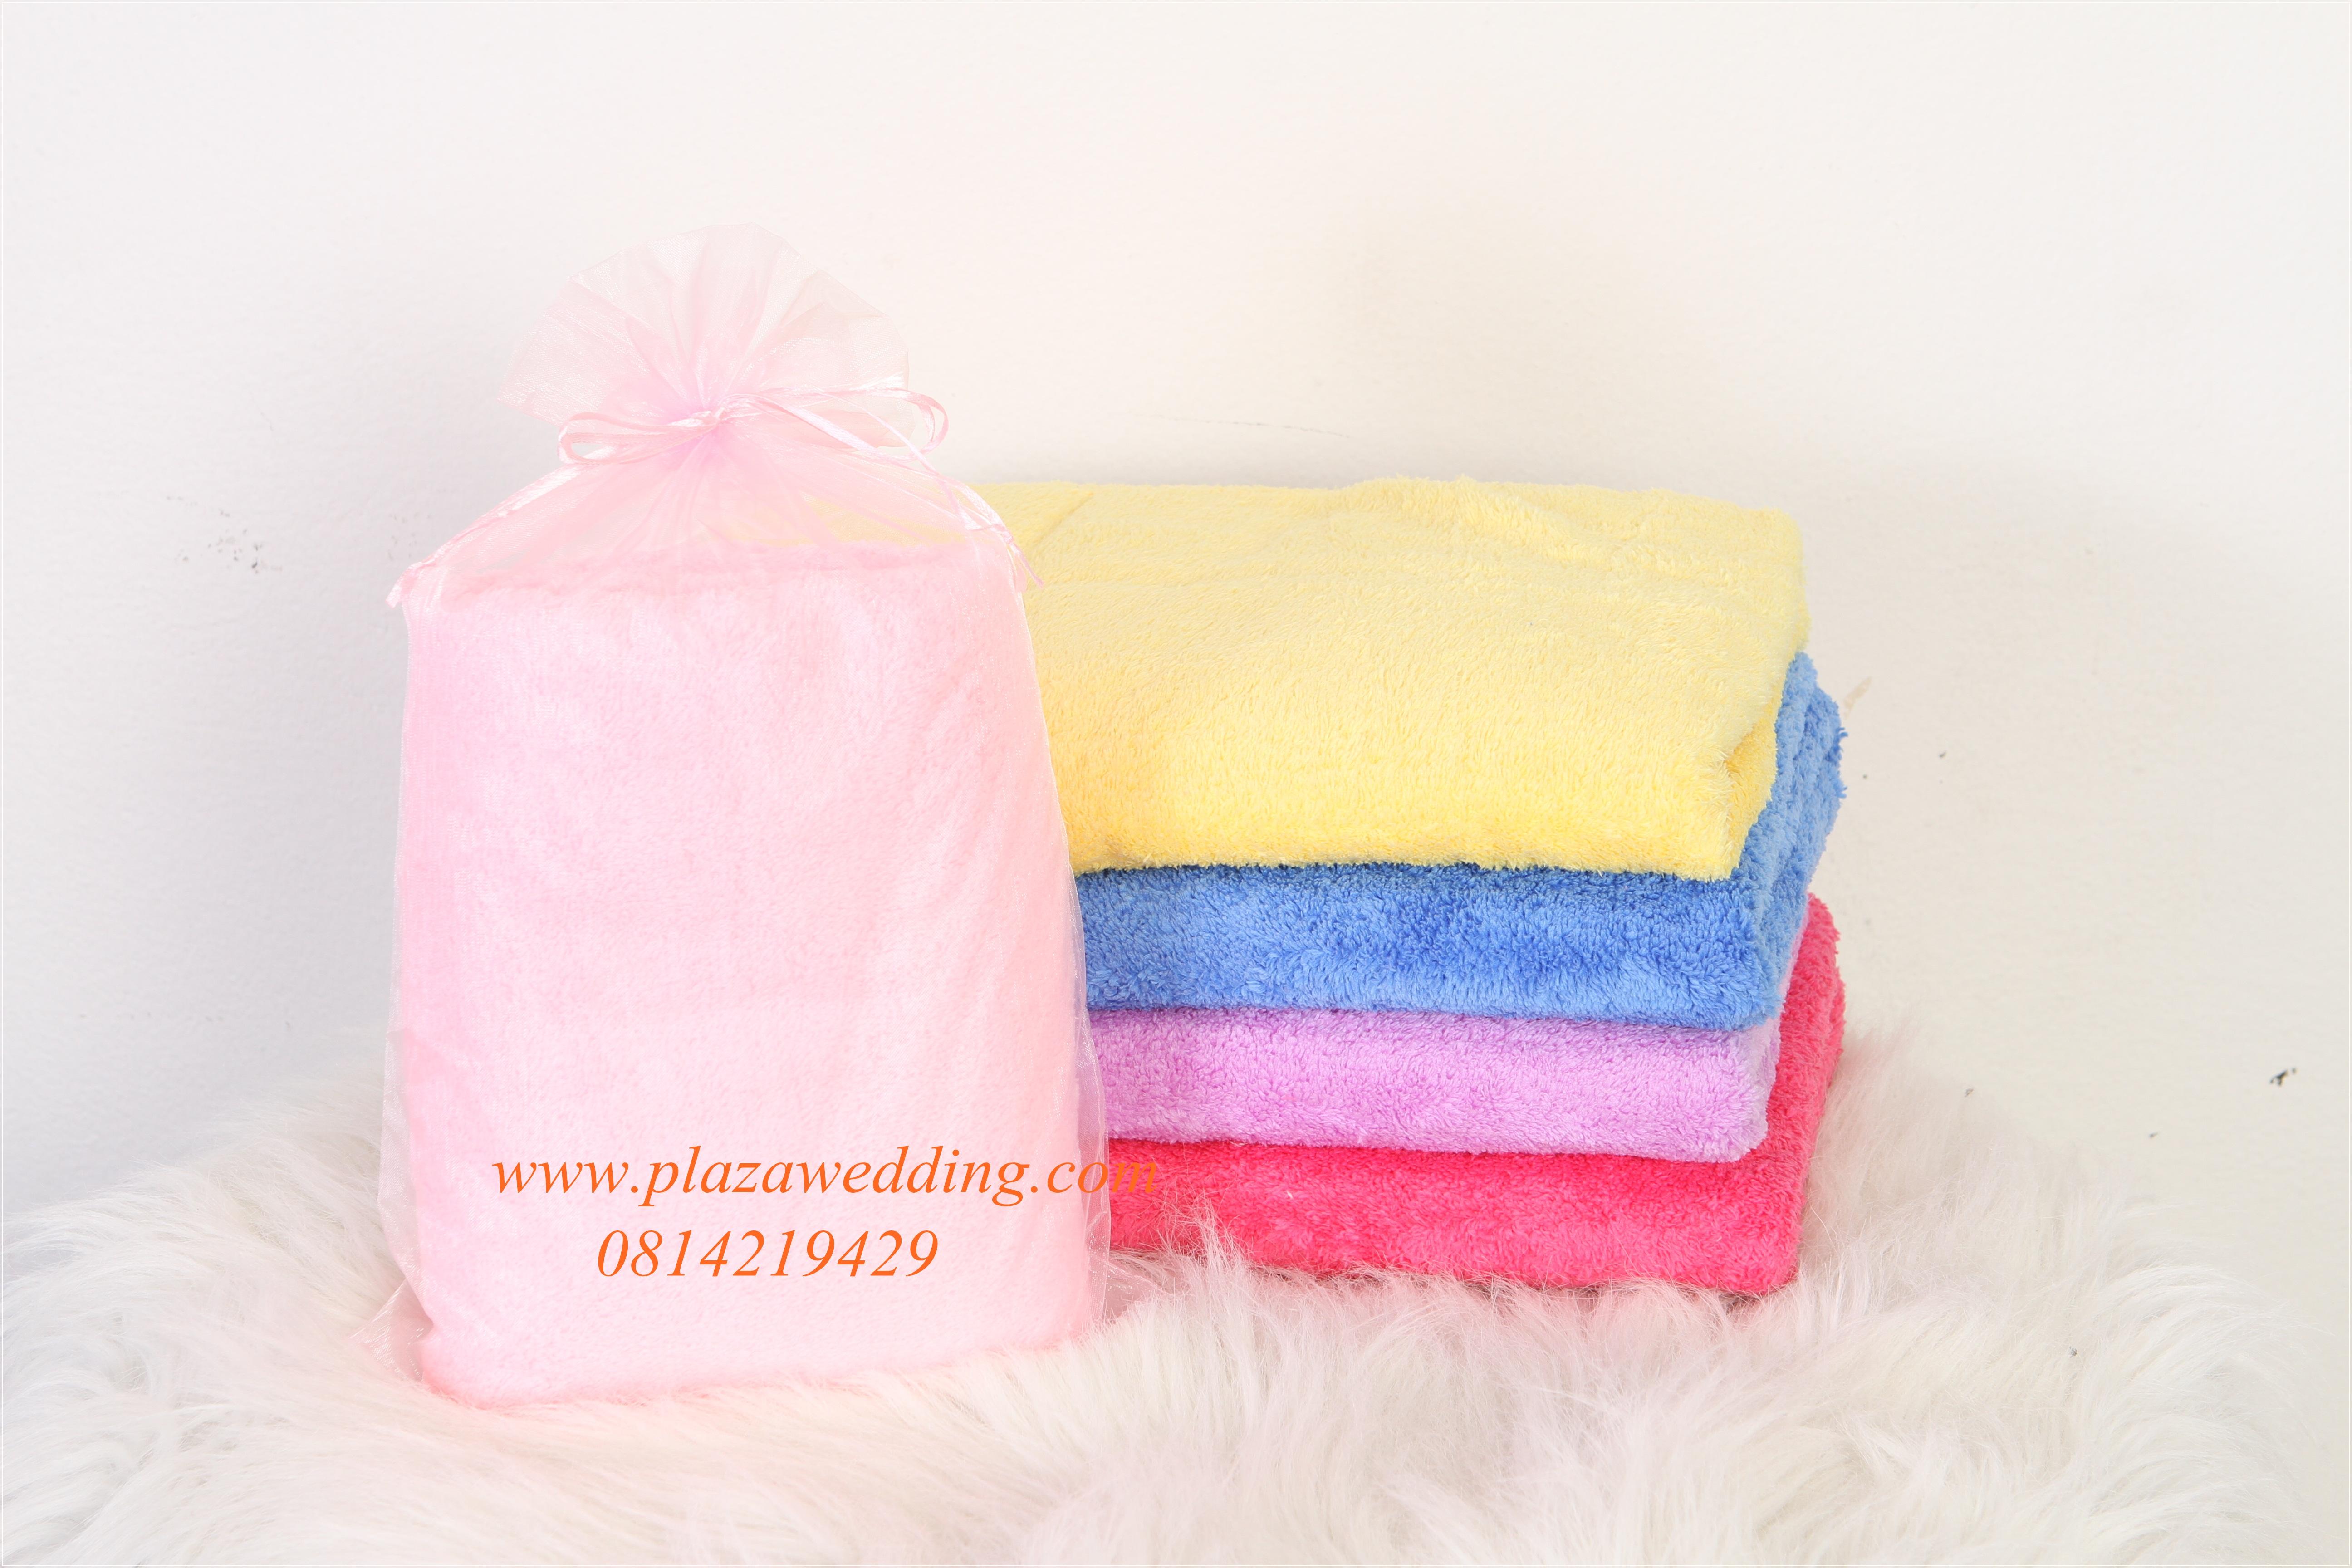 ผ้านาโนเช็ดตัวสีพื้น เนื้อหนานุ่ม ขนาดใหญ่ 30x60 นิ้ว แพคถุงผ้า ฟรีแท็ค